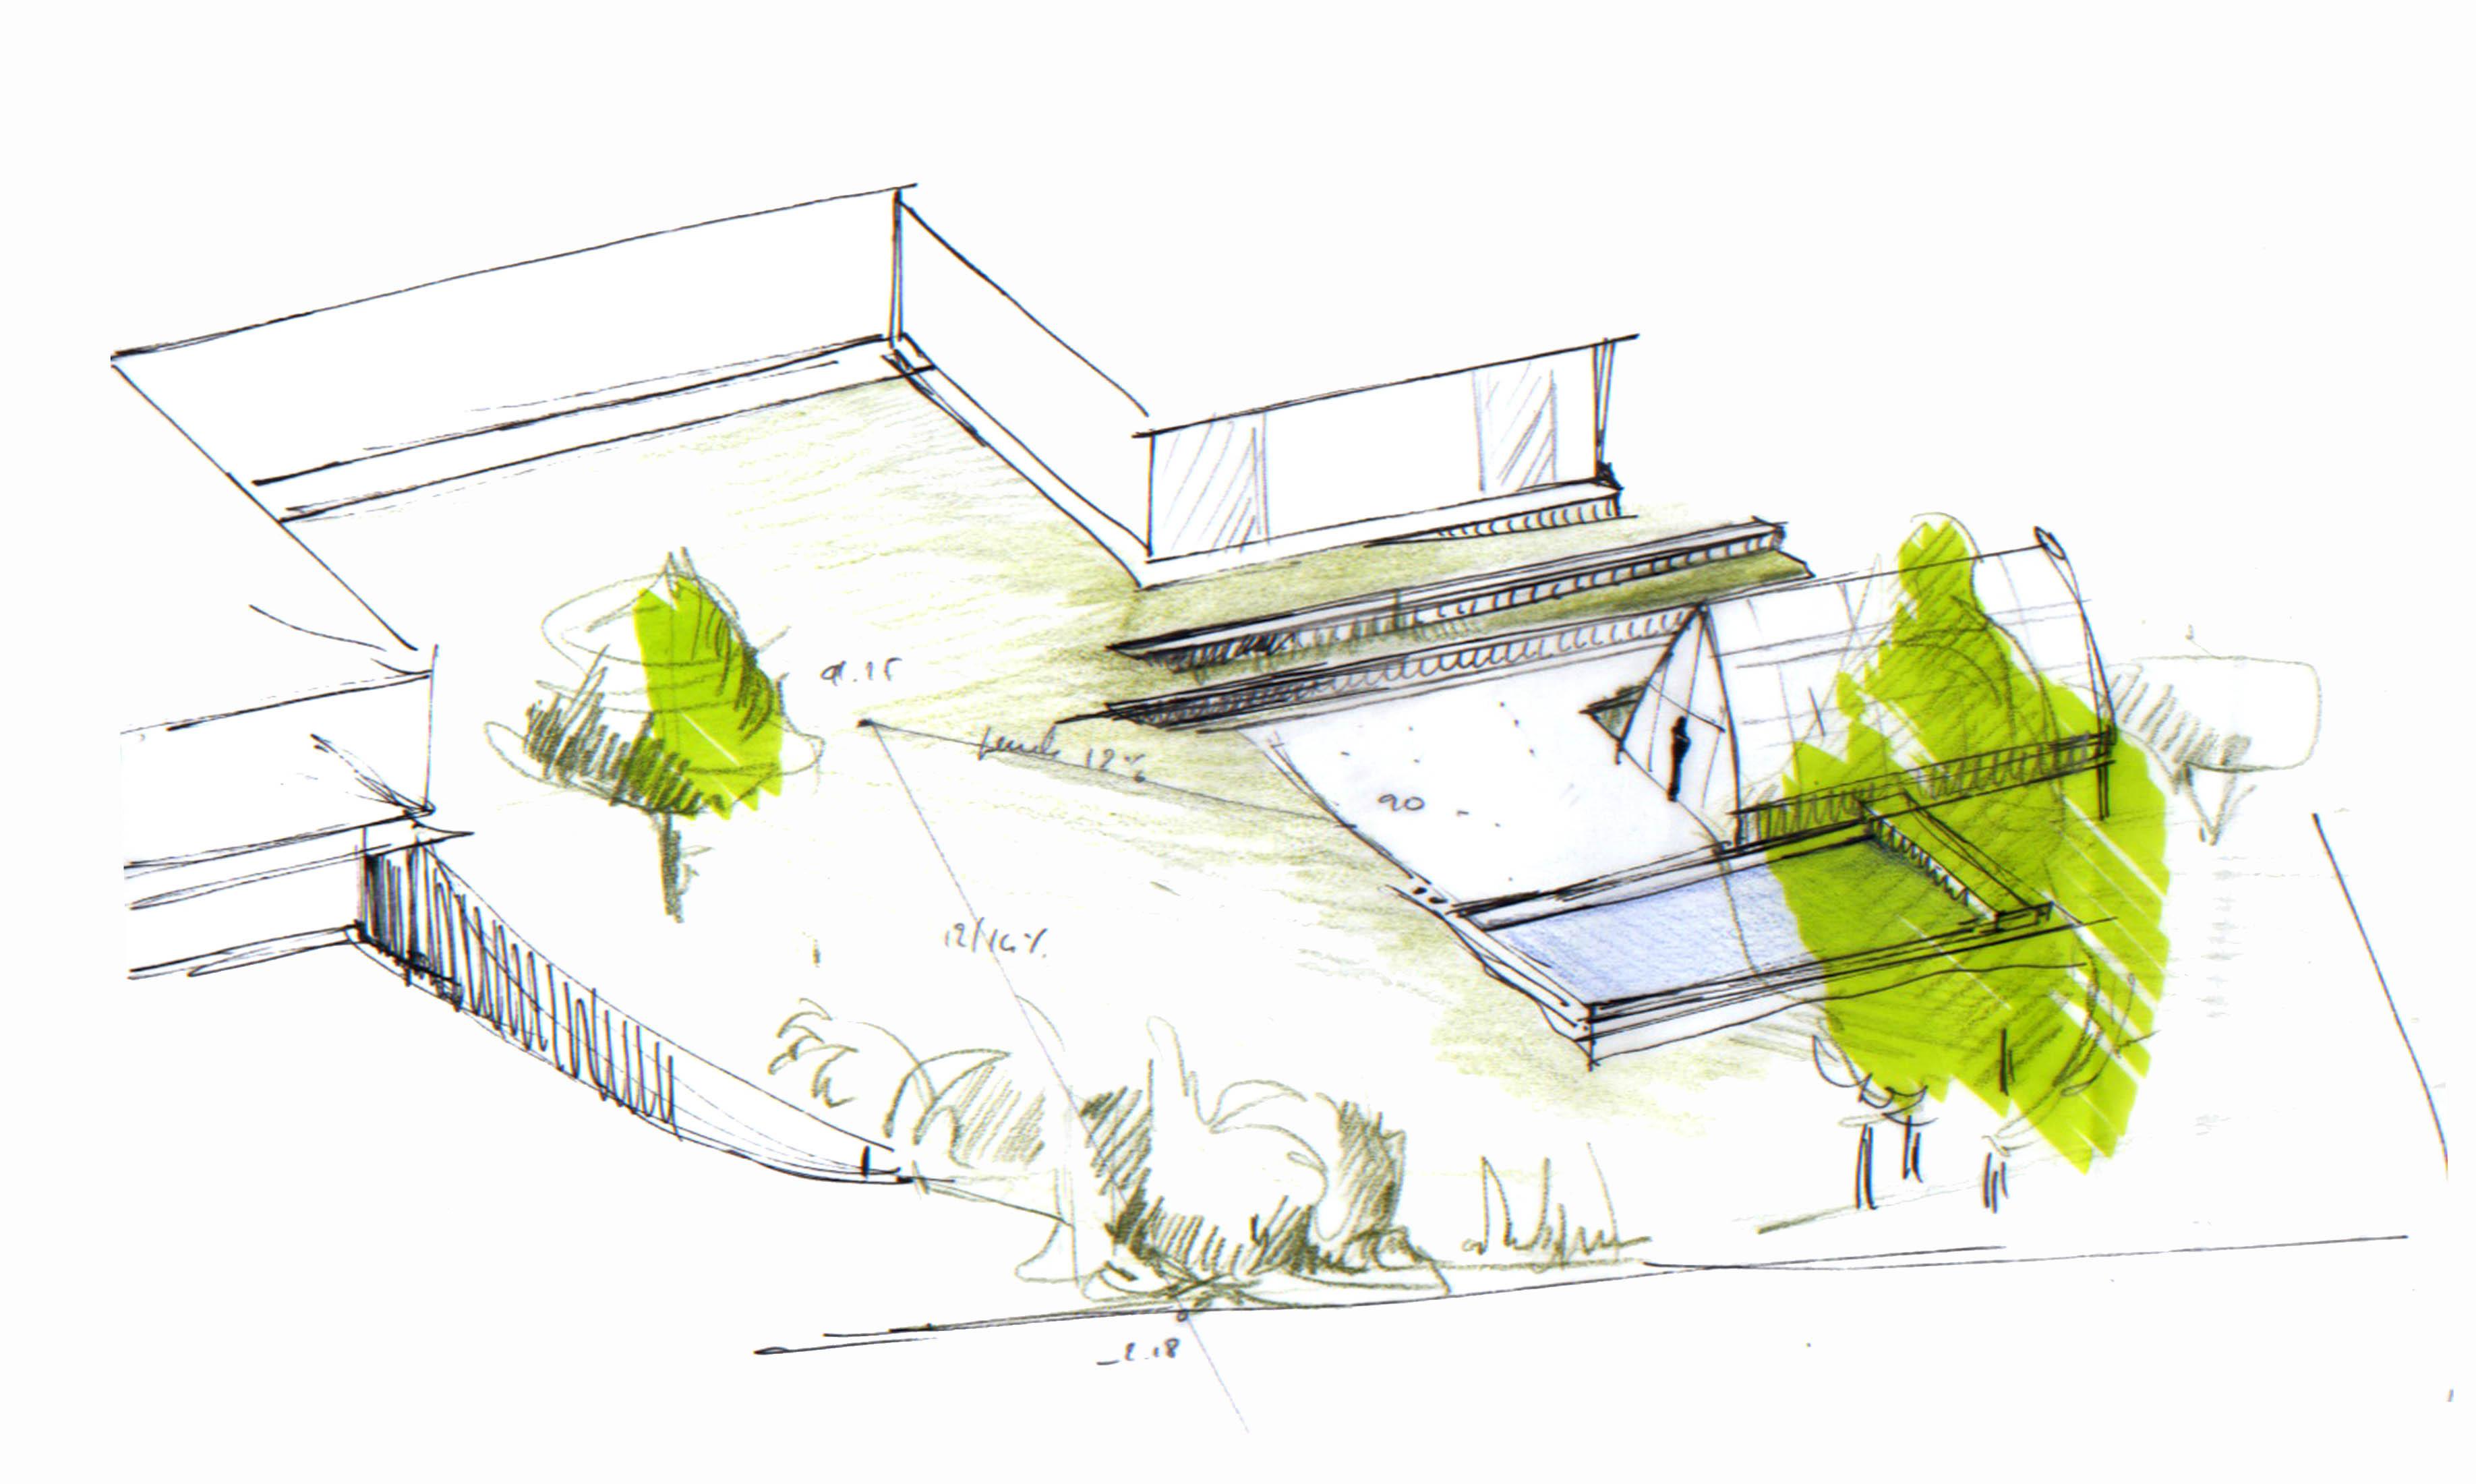 croquis etude architecte paysagiste atelier papyrus11 atelier papyrus. Black Bedroom Furniture Sets. Home Design Ideas